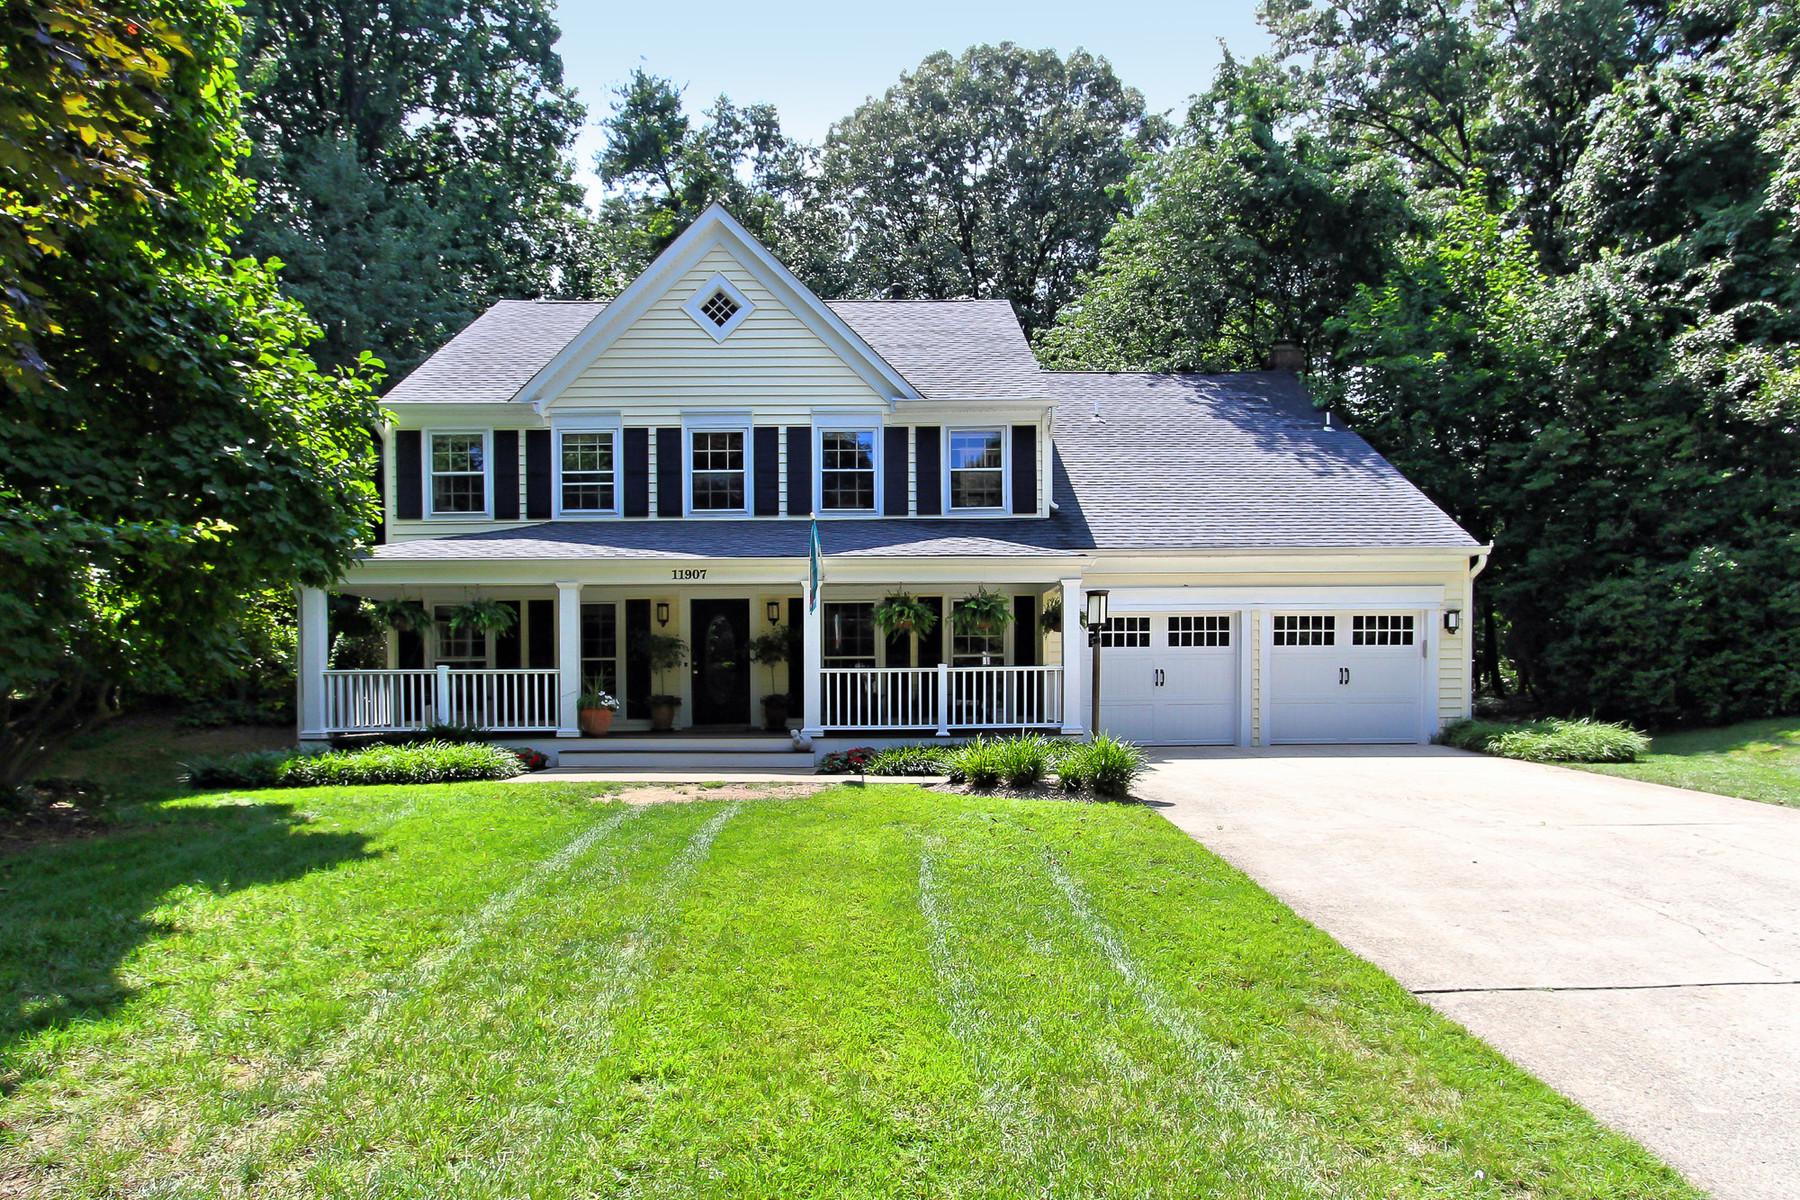 Villa per Vendita alle ore 11907 Fawn Ridge Lane, Reston 11907 Fawn Ridge Ln Reston, Virginia 20194 Stati Uniti